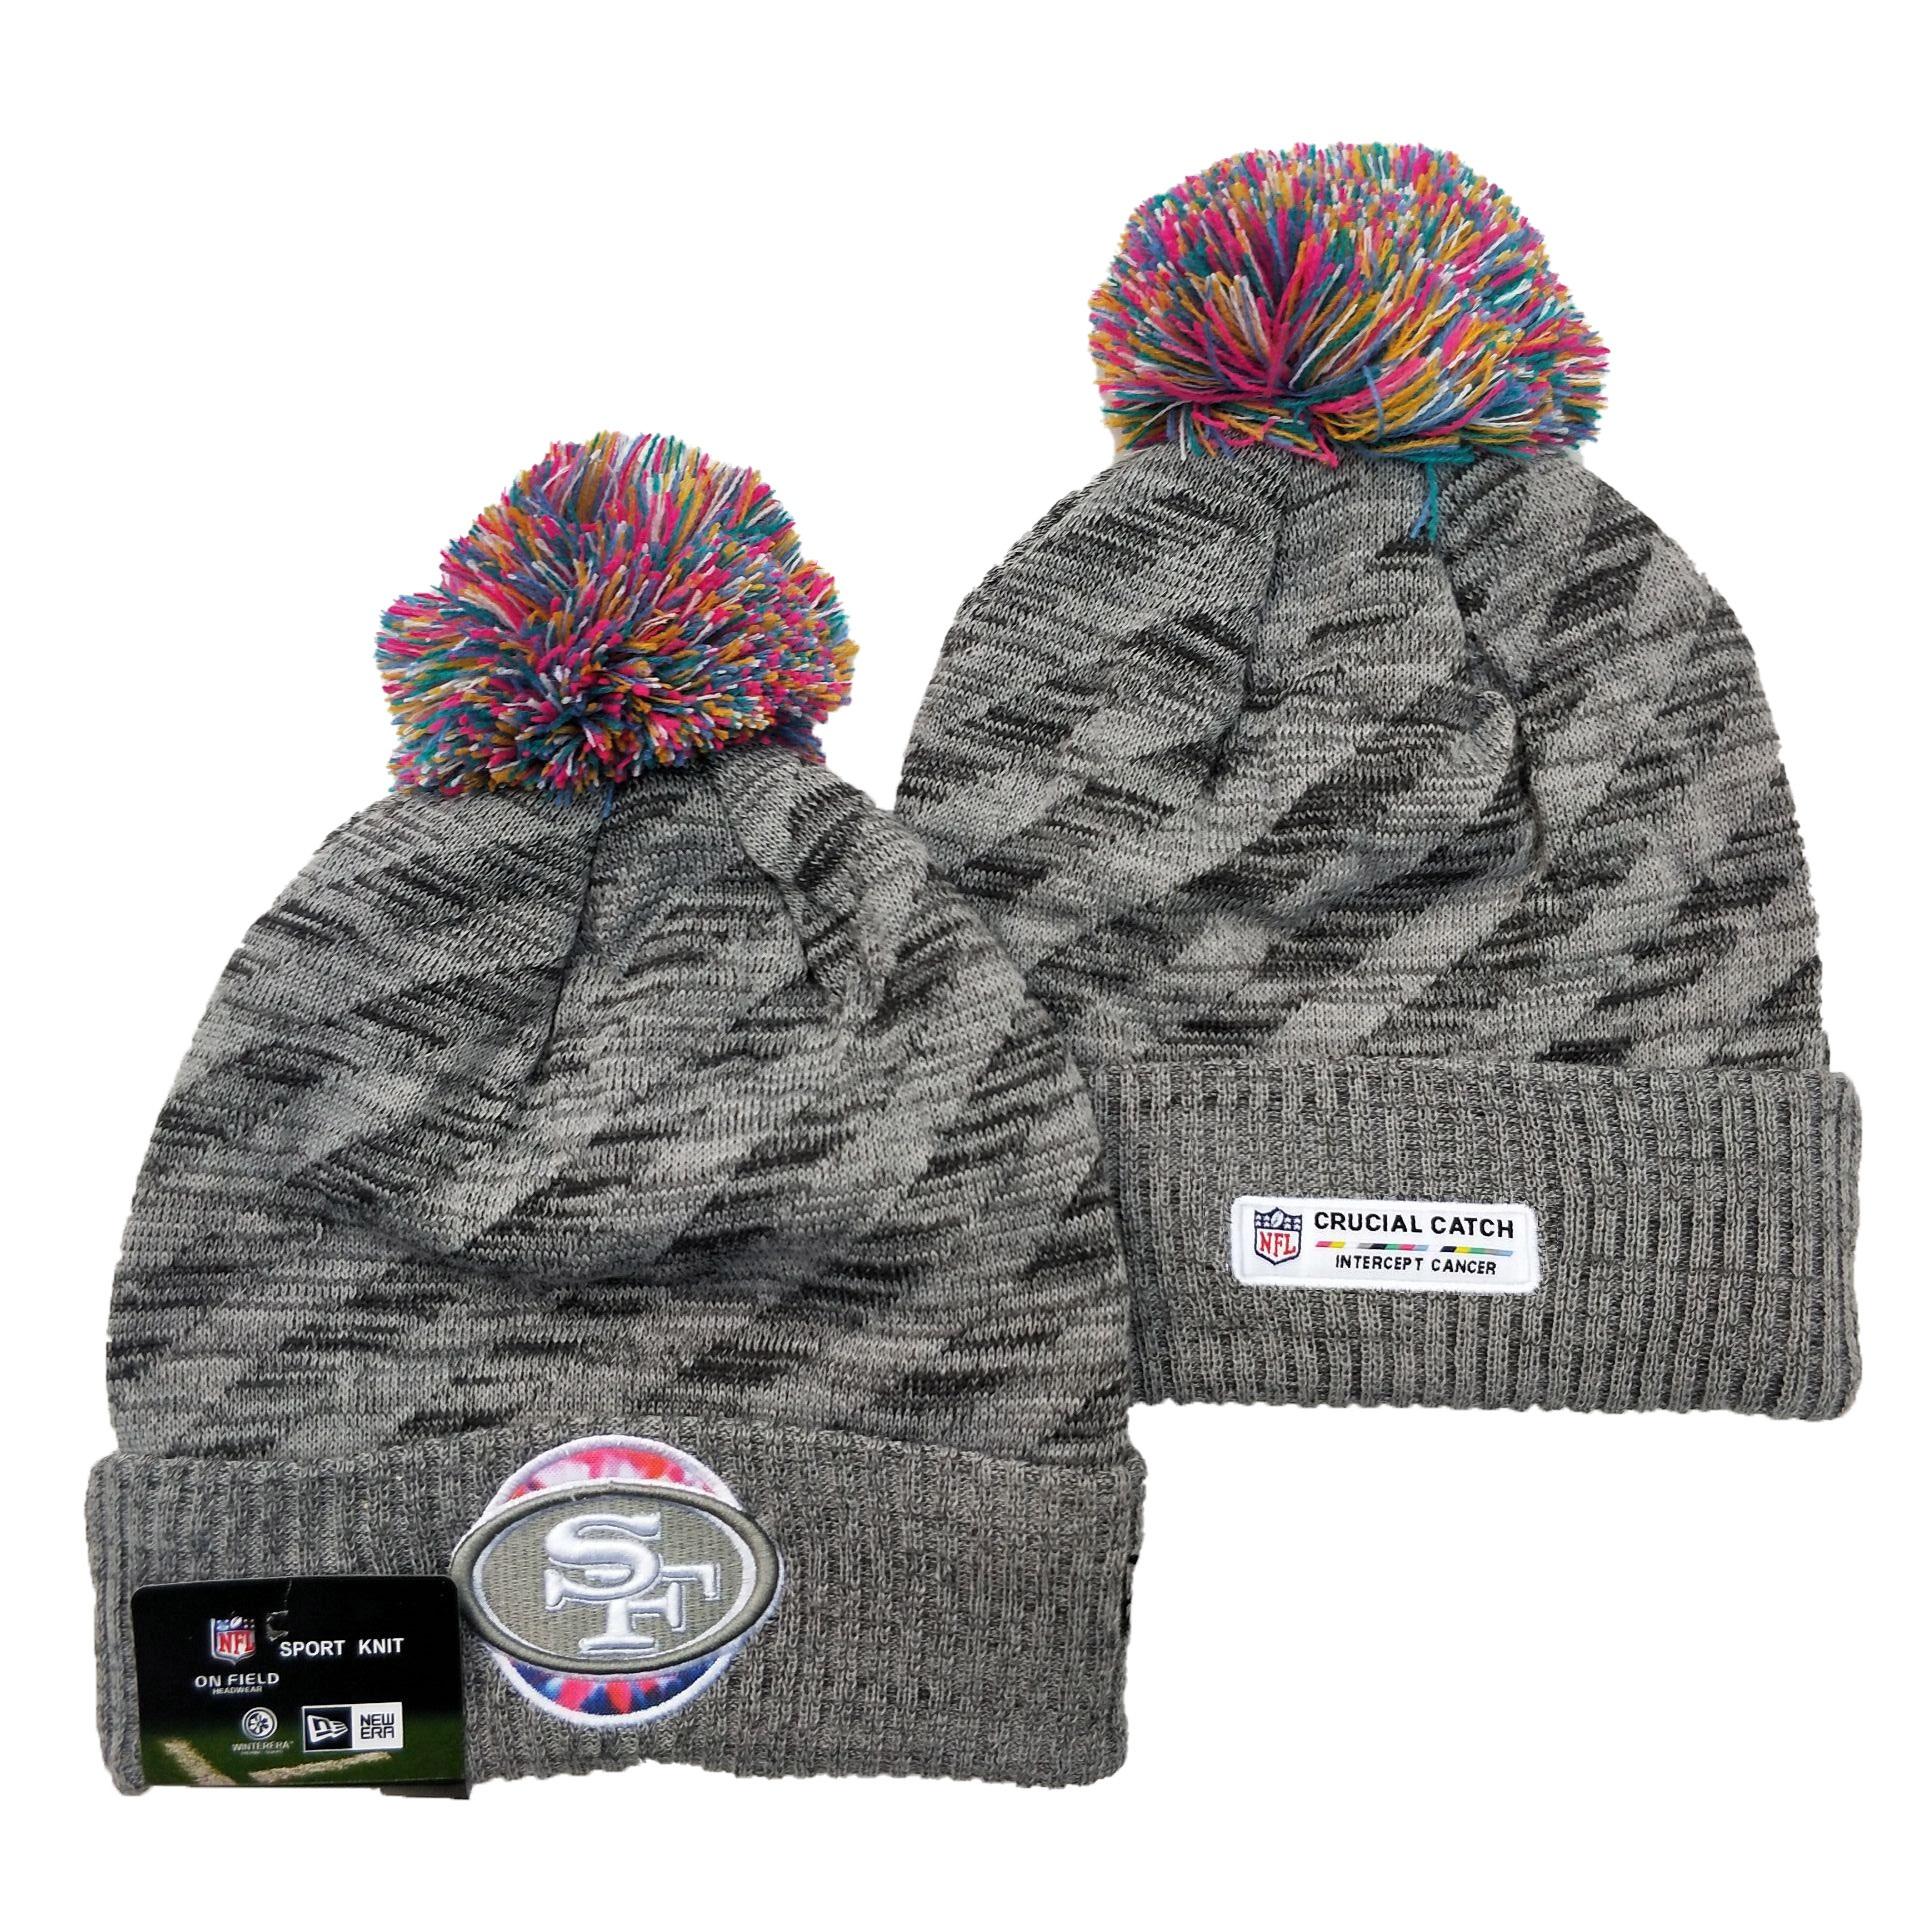 49ers Team Logo Gray 2020 NFL Crucial Catch Sport Pom Cuffed Knit Hat YD